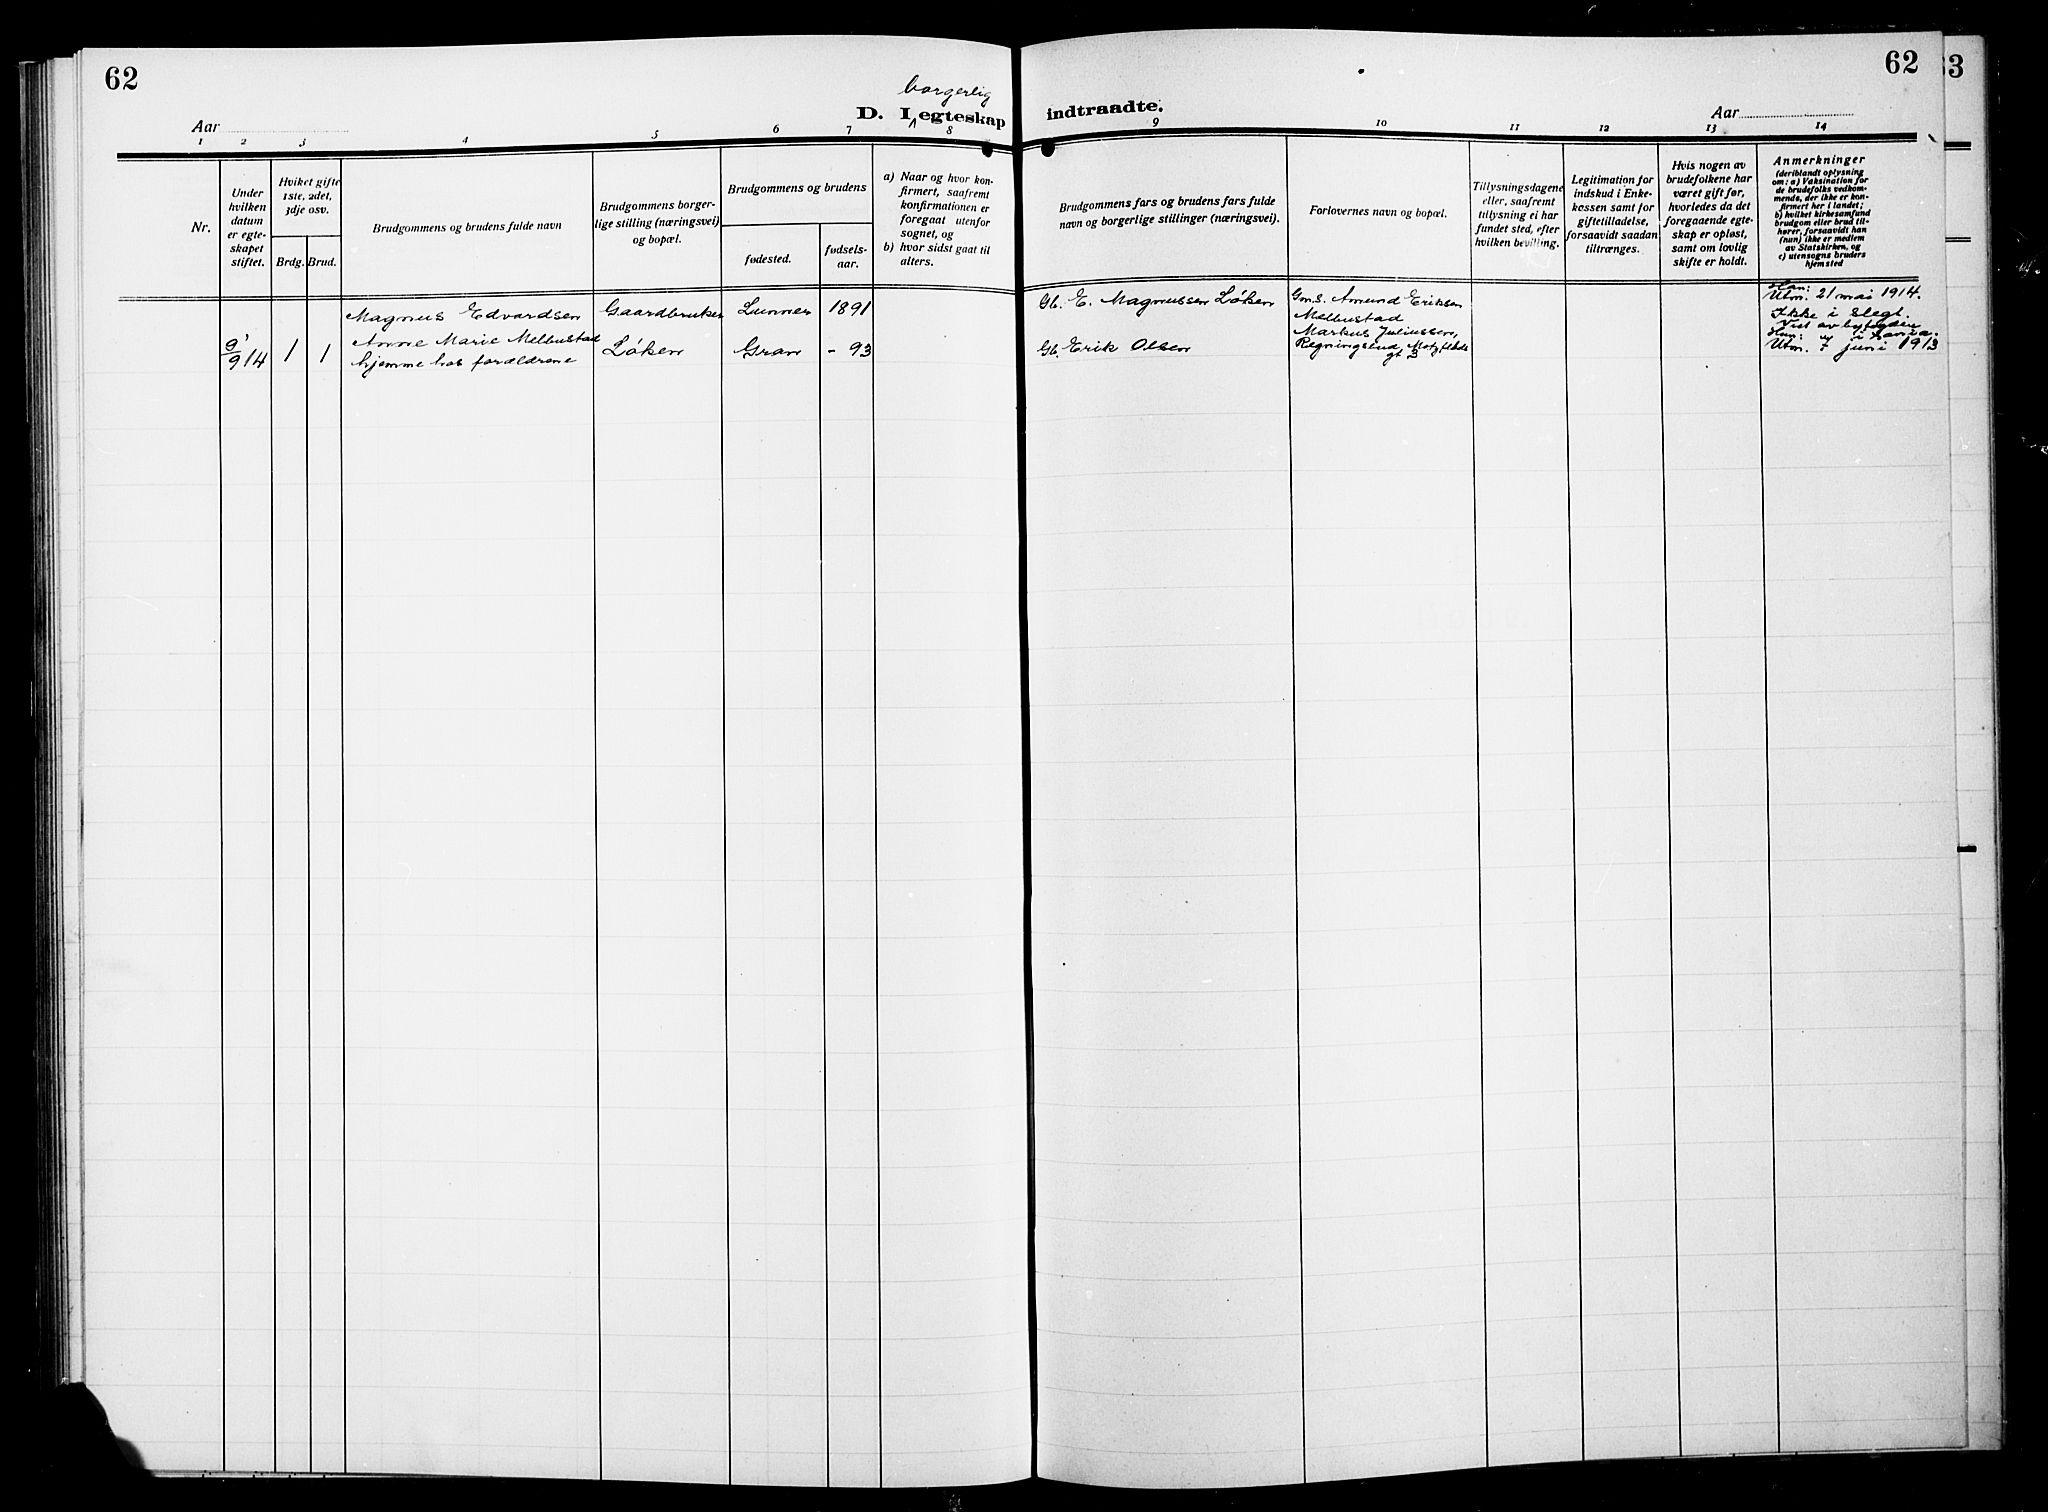 SAH, Gran prestekontor, Klokkerbok nr. 7, 1912-1917, s. 62